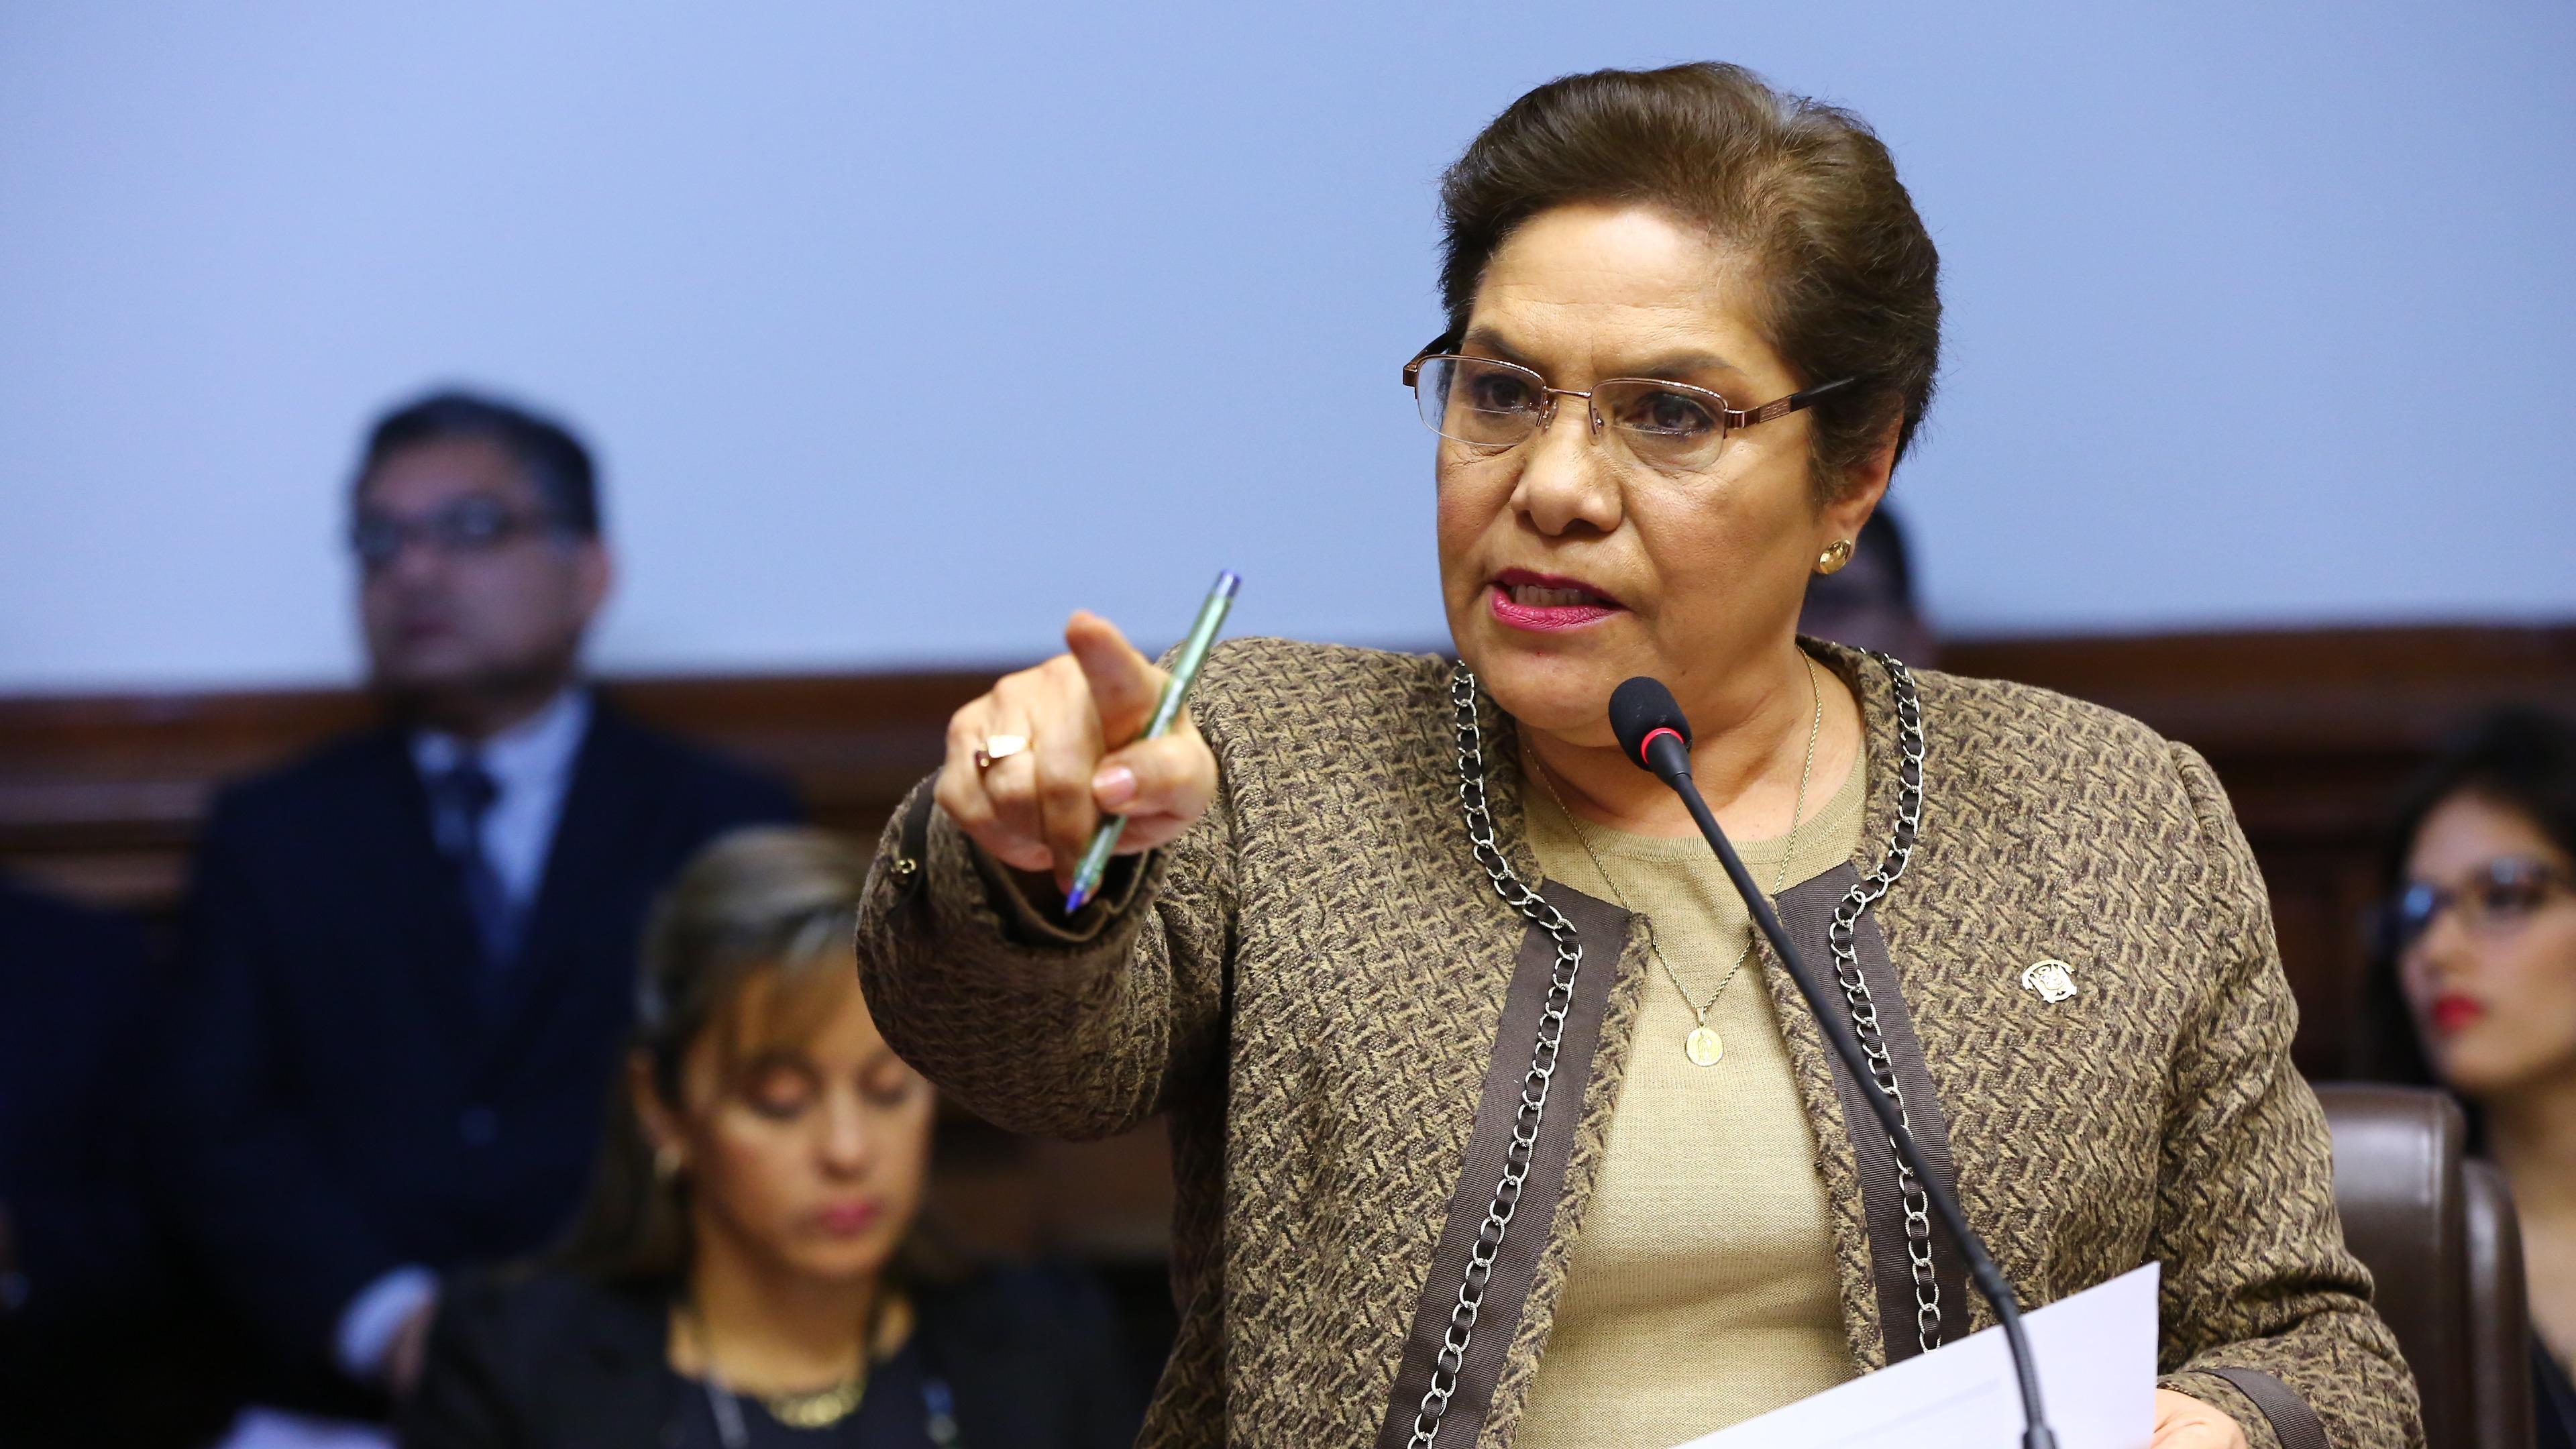 Luz Salgado presta declaraciones a la prensa peruana.